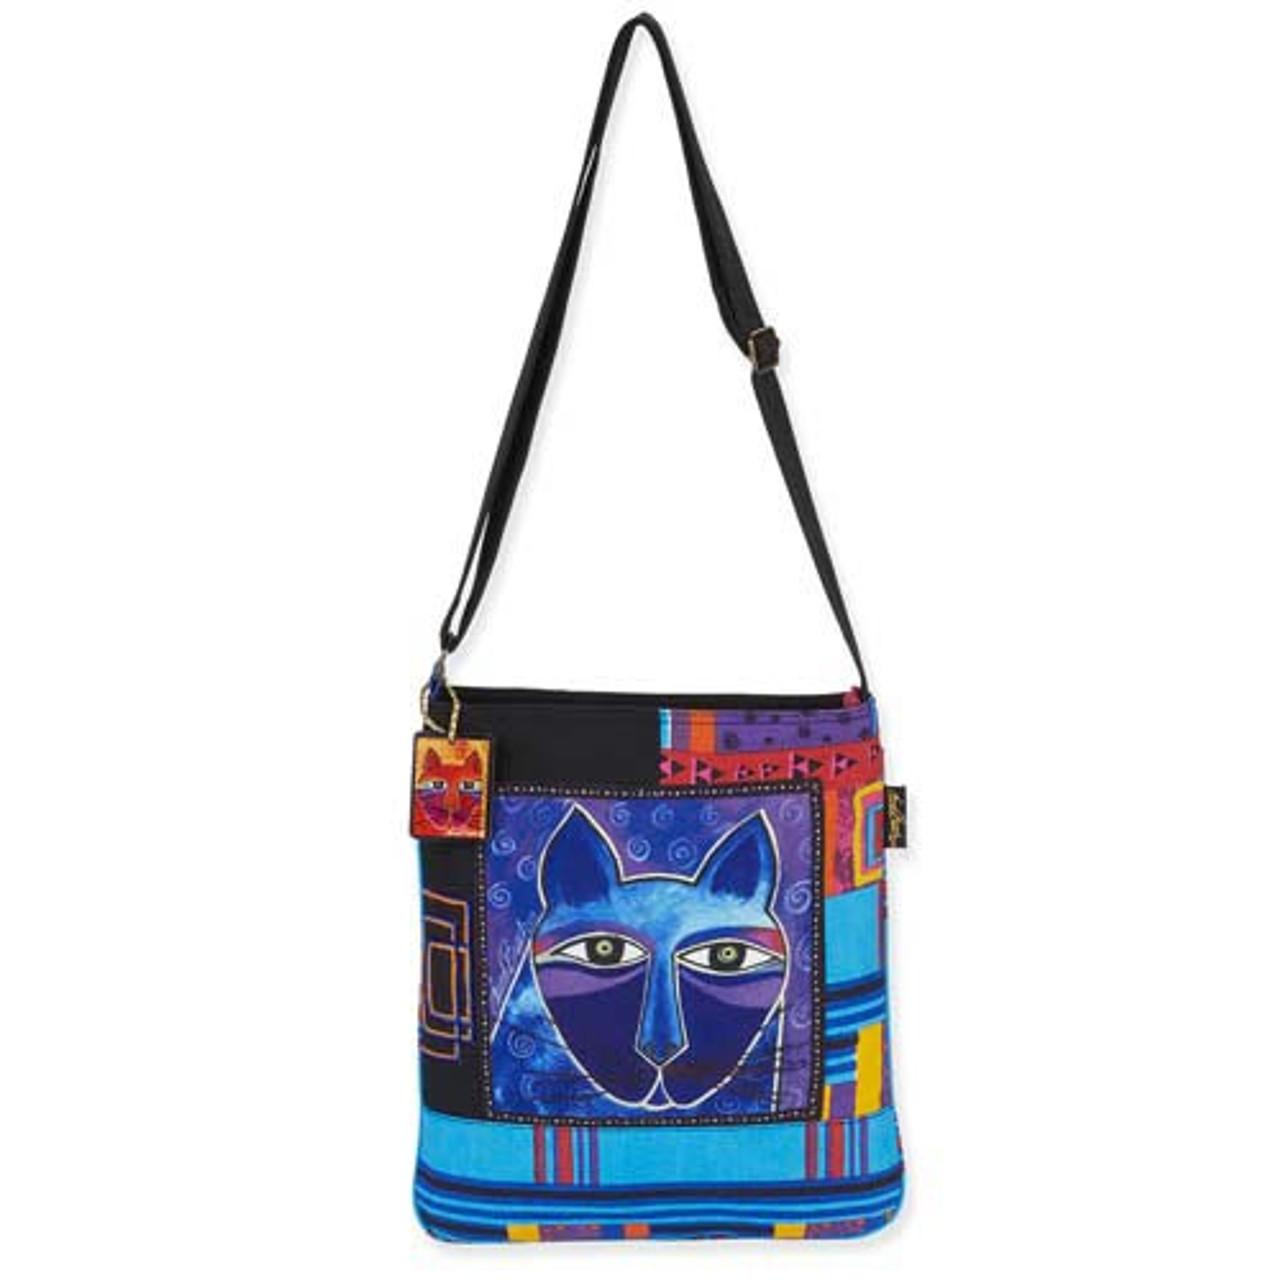 9.5 X 6 X .5 In Laurel Burch Feline Friends Crossbody Bag Feline Friends